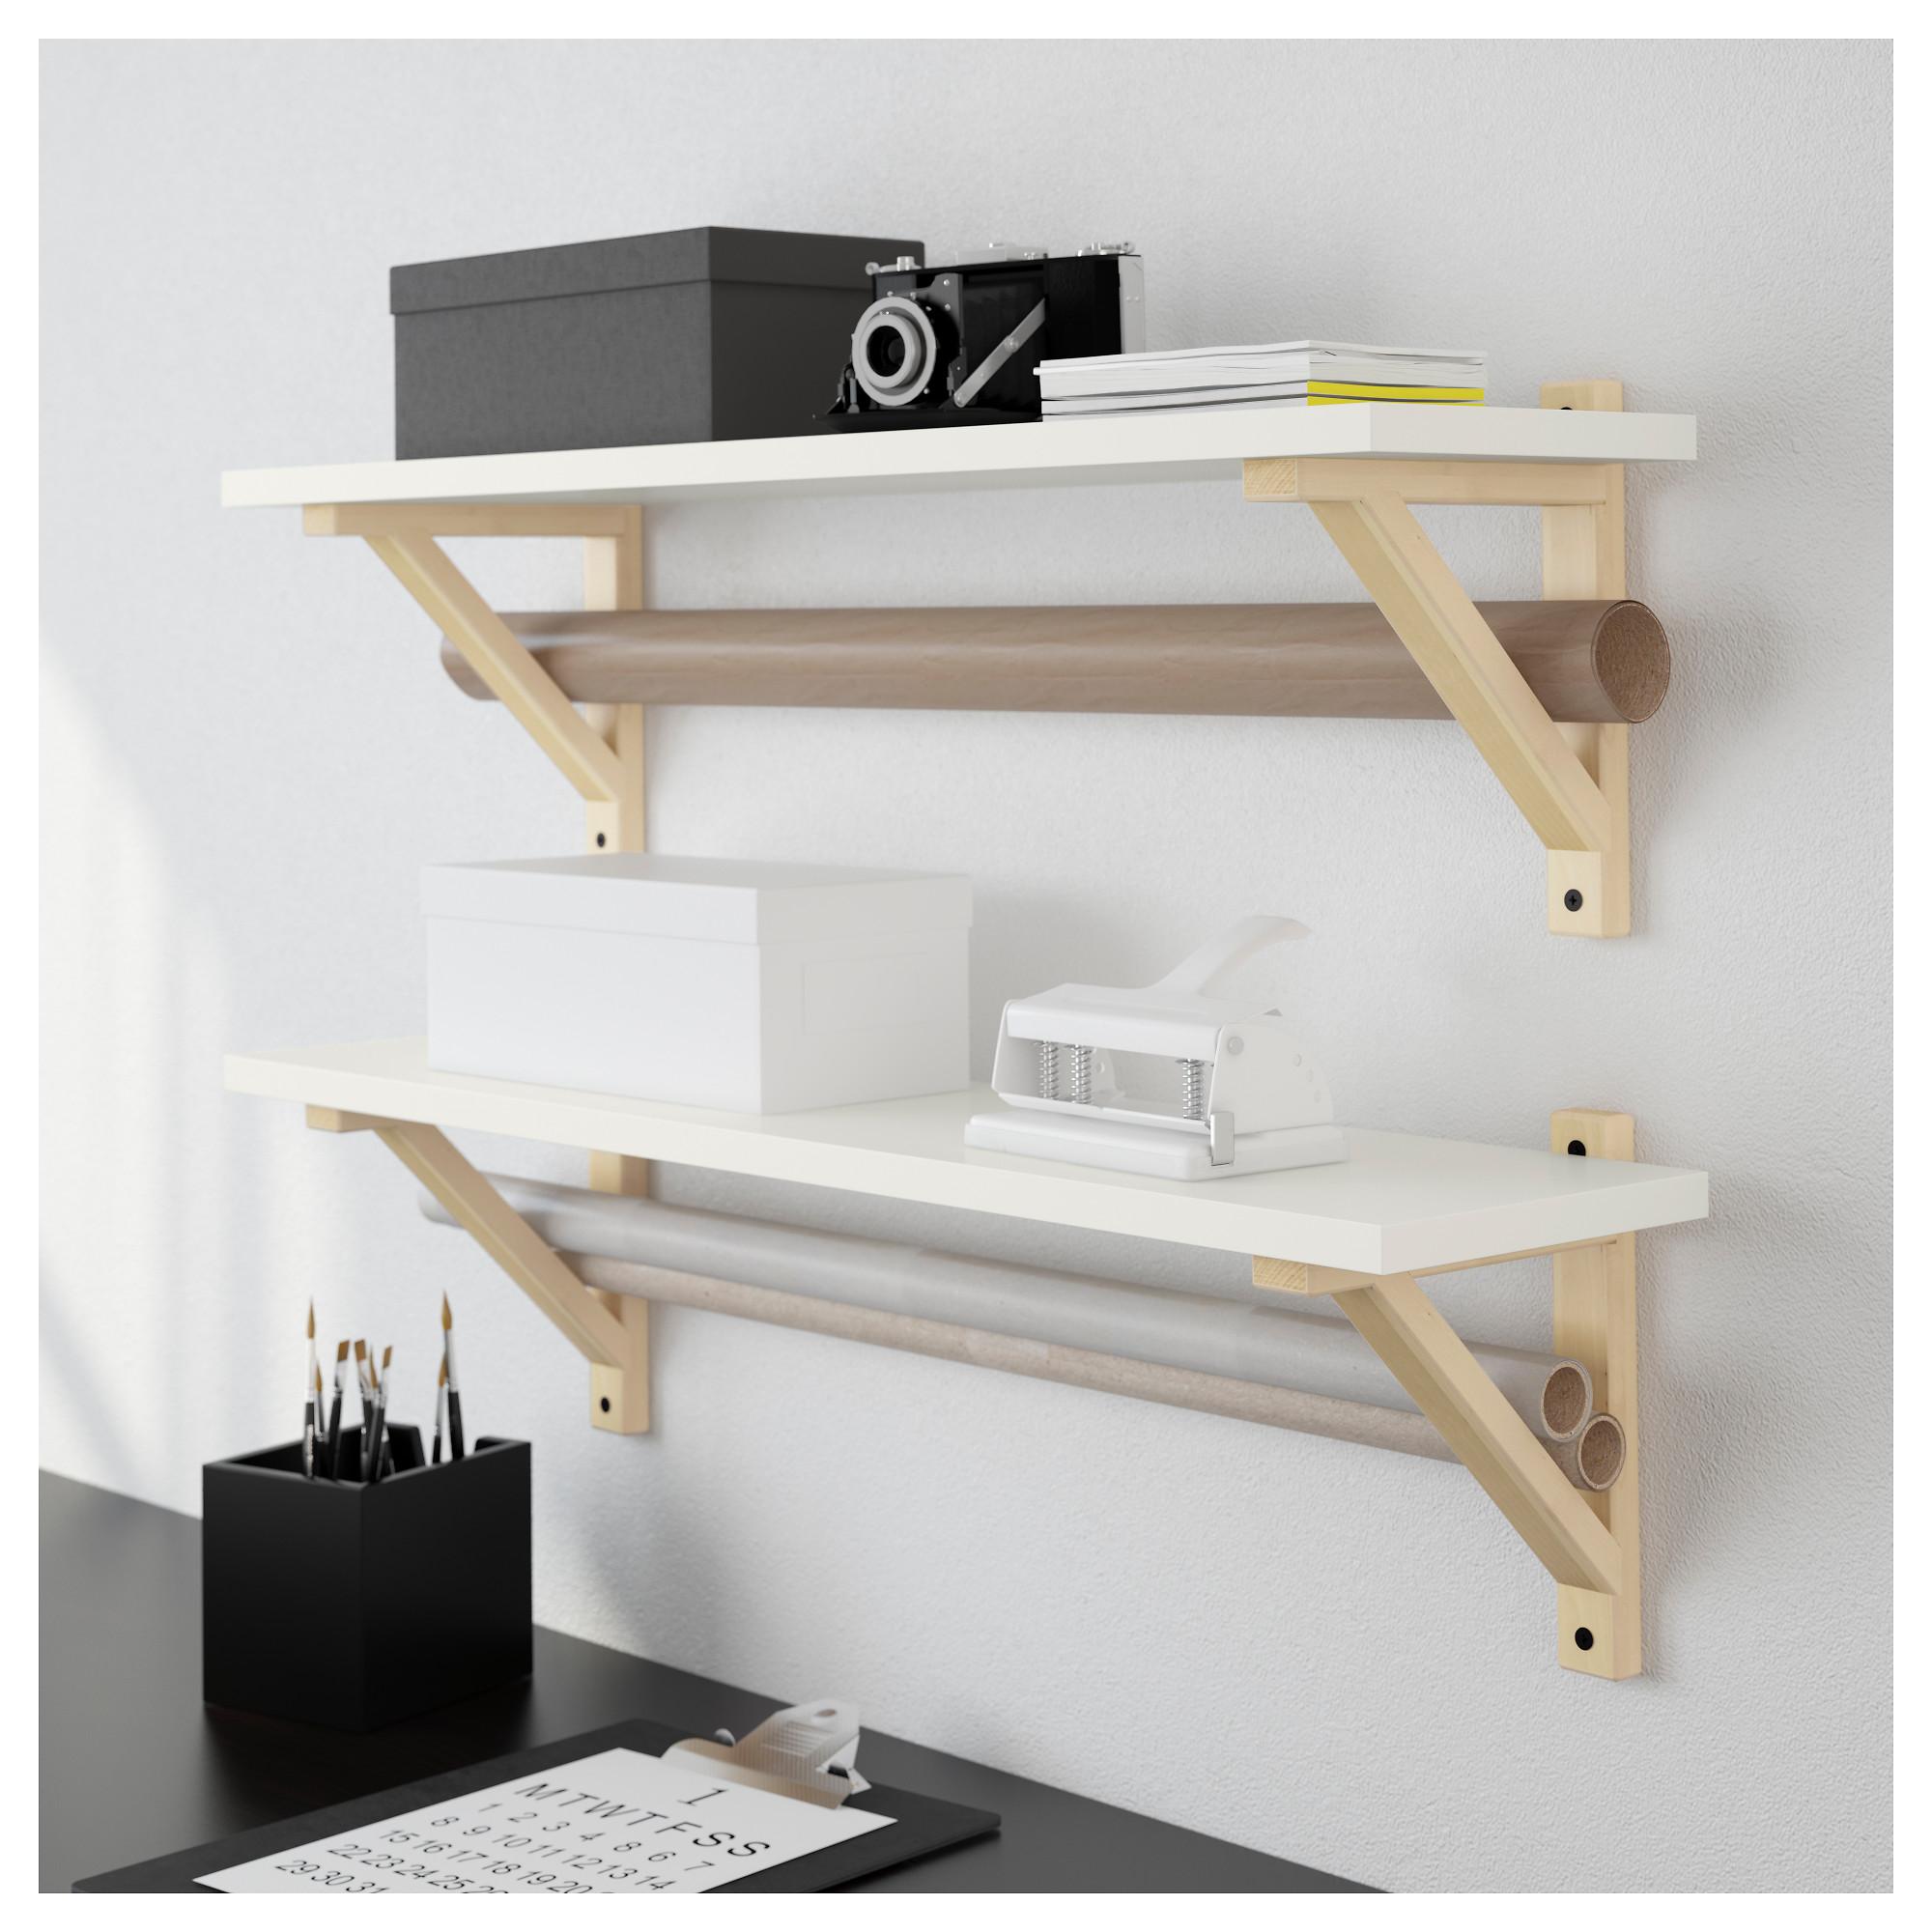 wall shelves ekby östen / ekby valter wall shelf - ikea WBTNVLV